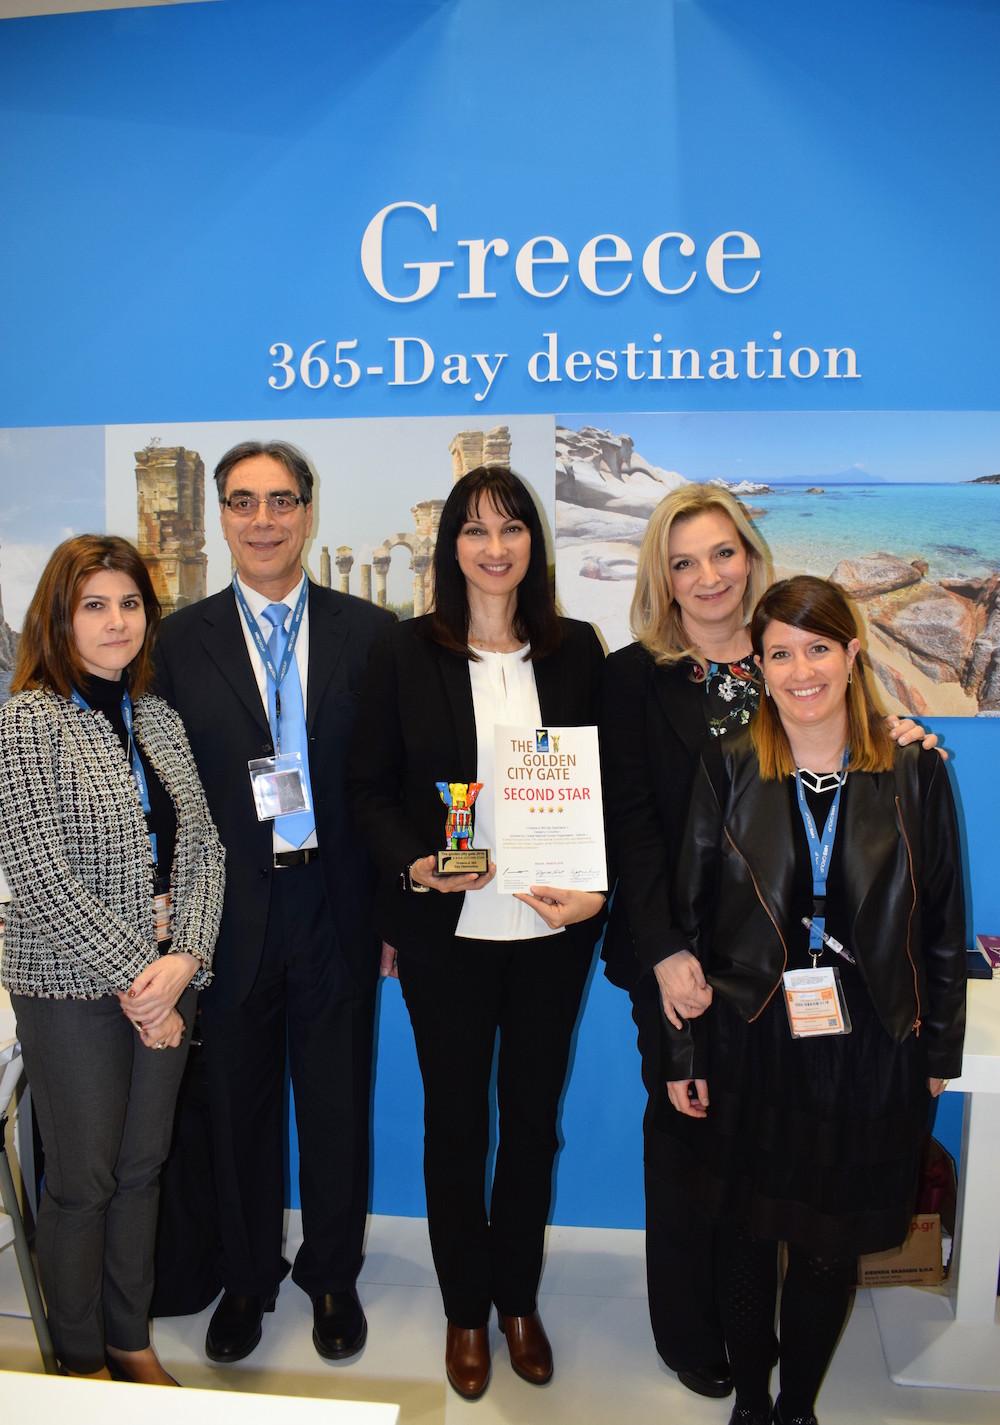 Greece-A 365-Day Destination, Βραβείο βίντεο ΕΟΤ